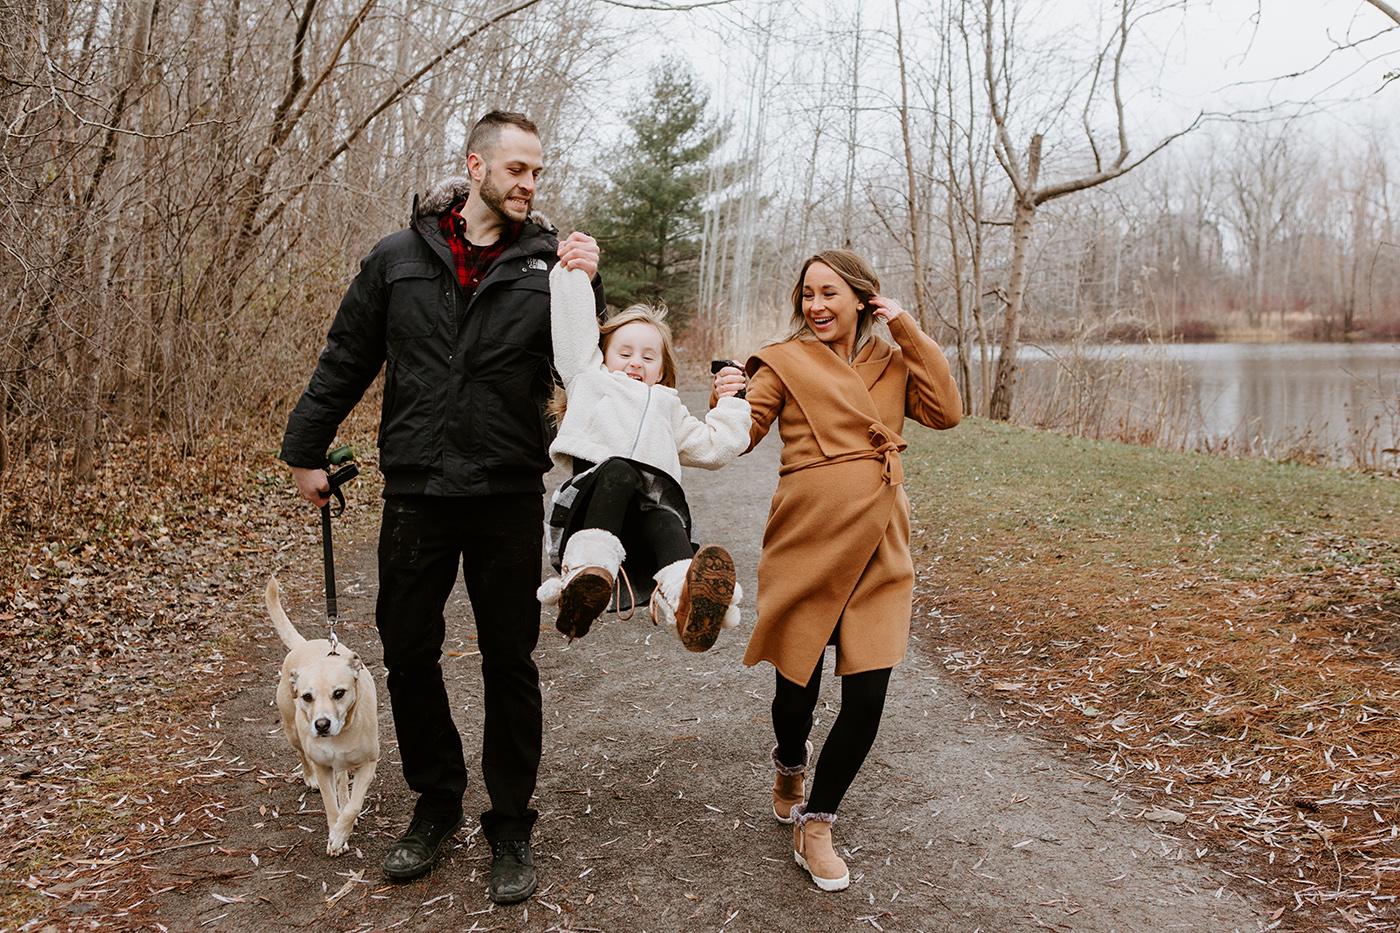 Photographe de maternité à Montréal. Séance maternité à Montréal. Photo de grossesse à Montréal. Montreal maternity photographer. Montreal maternity session. Montreal pregnancy photos.